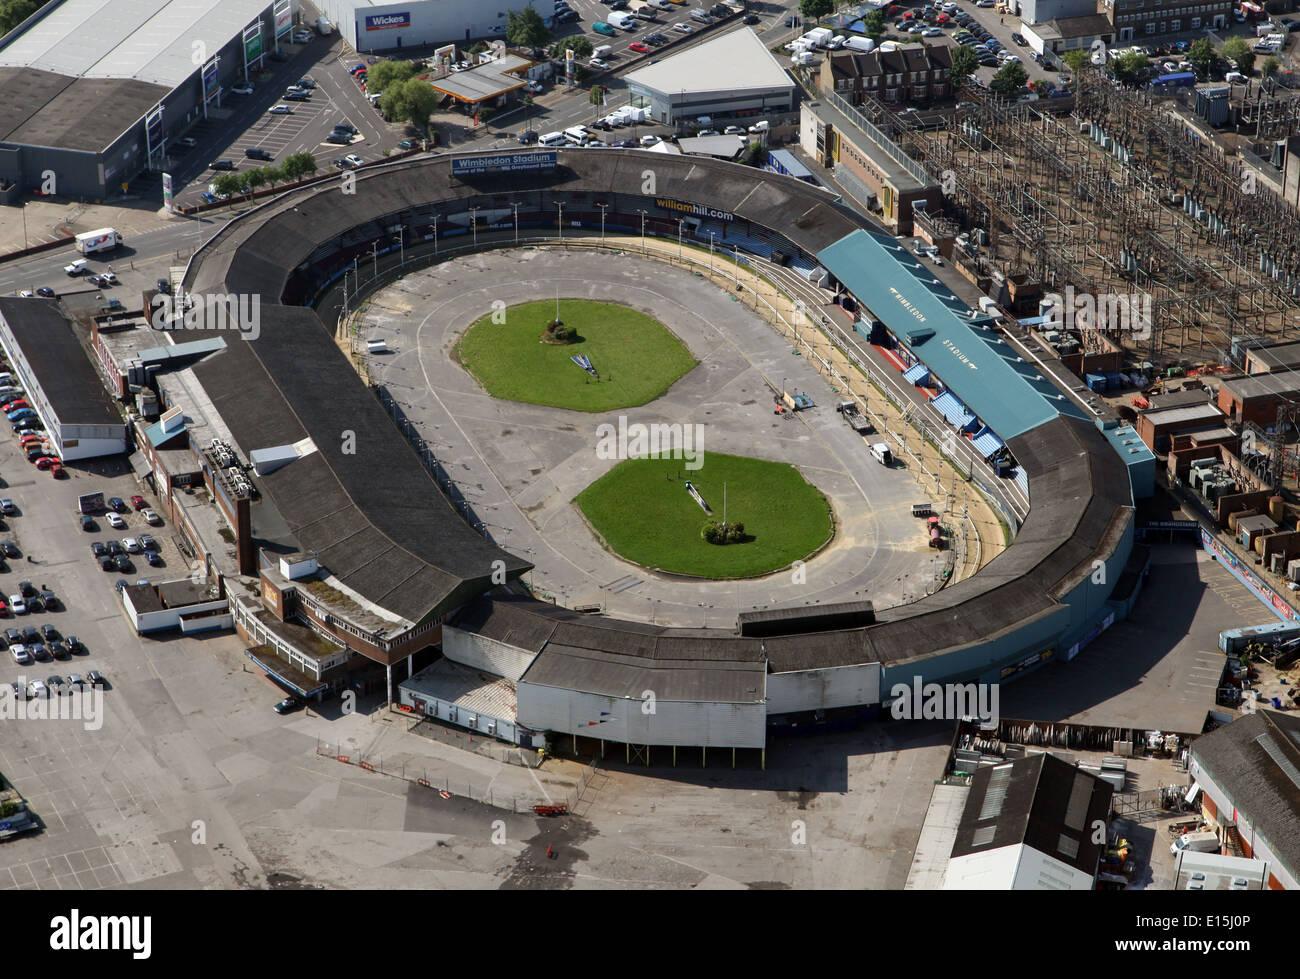 Vista aérea del estadio de Galgos de Wimbledon en el suroeste de Londres, también utilizado para speedway y Stock Car Racing Imagen De Stock